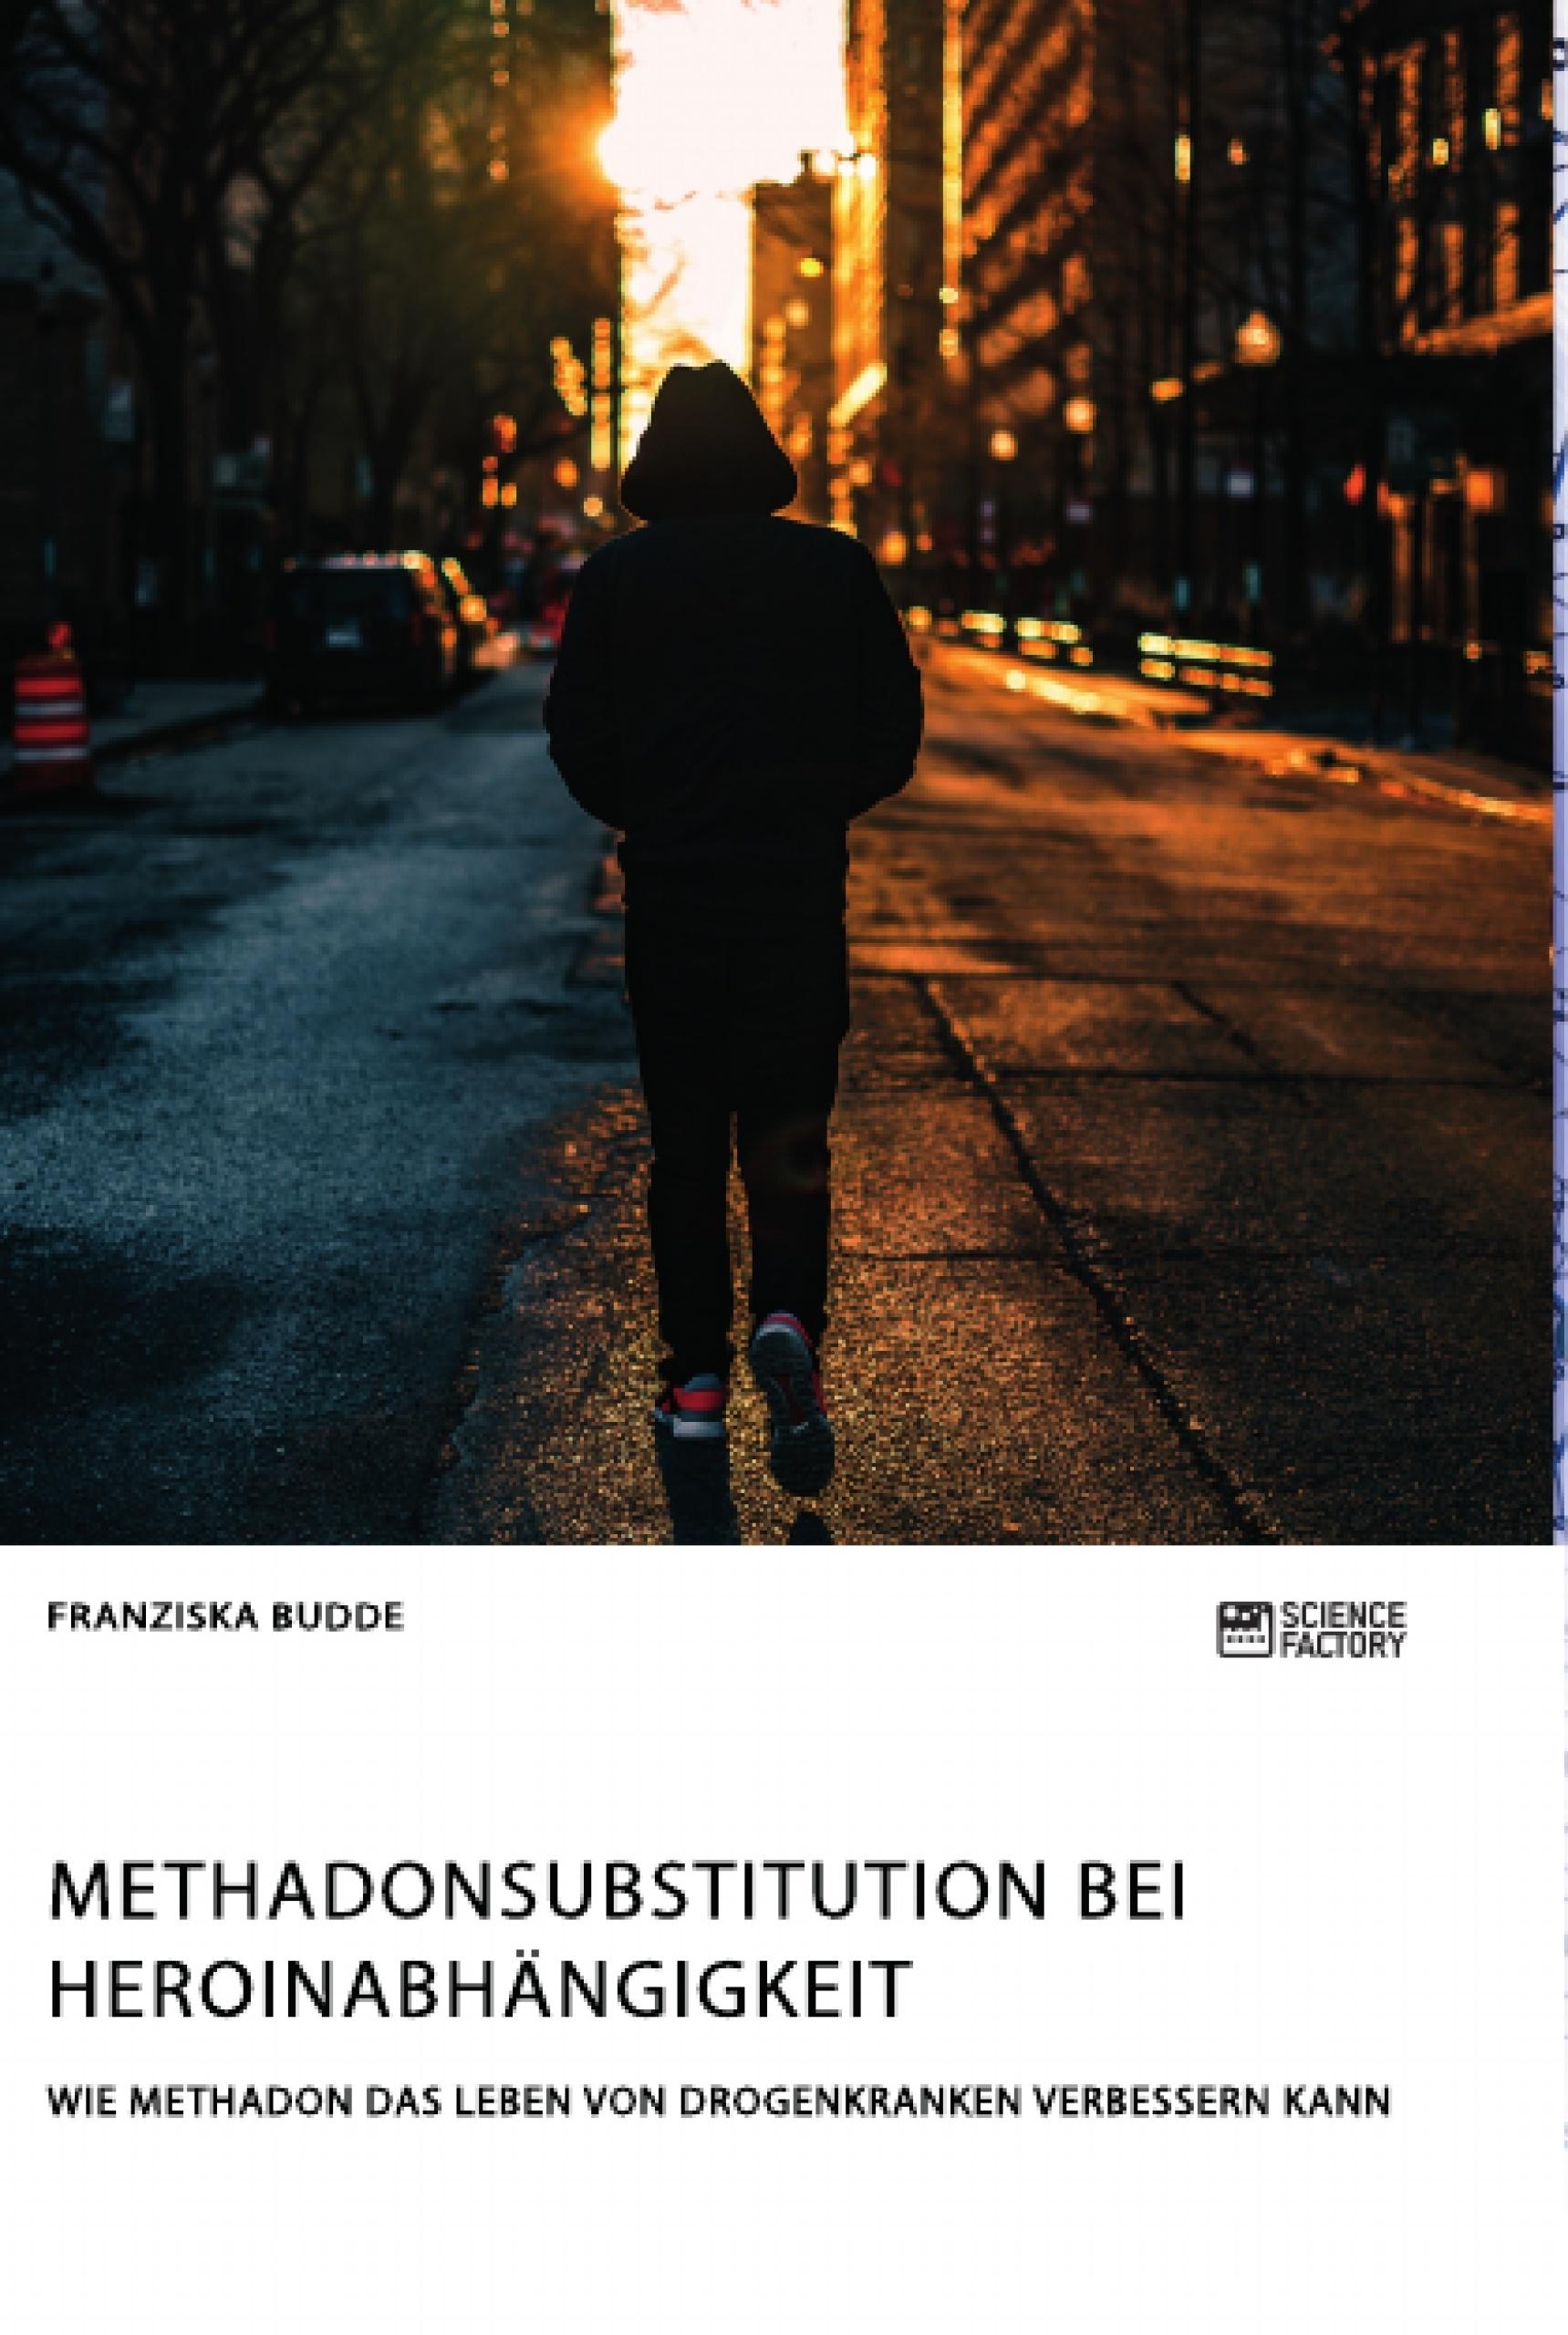 Titel: Methadonsubstitution bei Heroinabhängigkeit. Wie Methadon das Leben von Drogenkranken verbessern kann